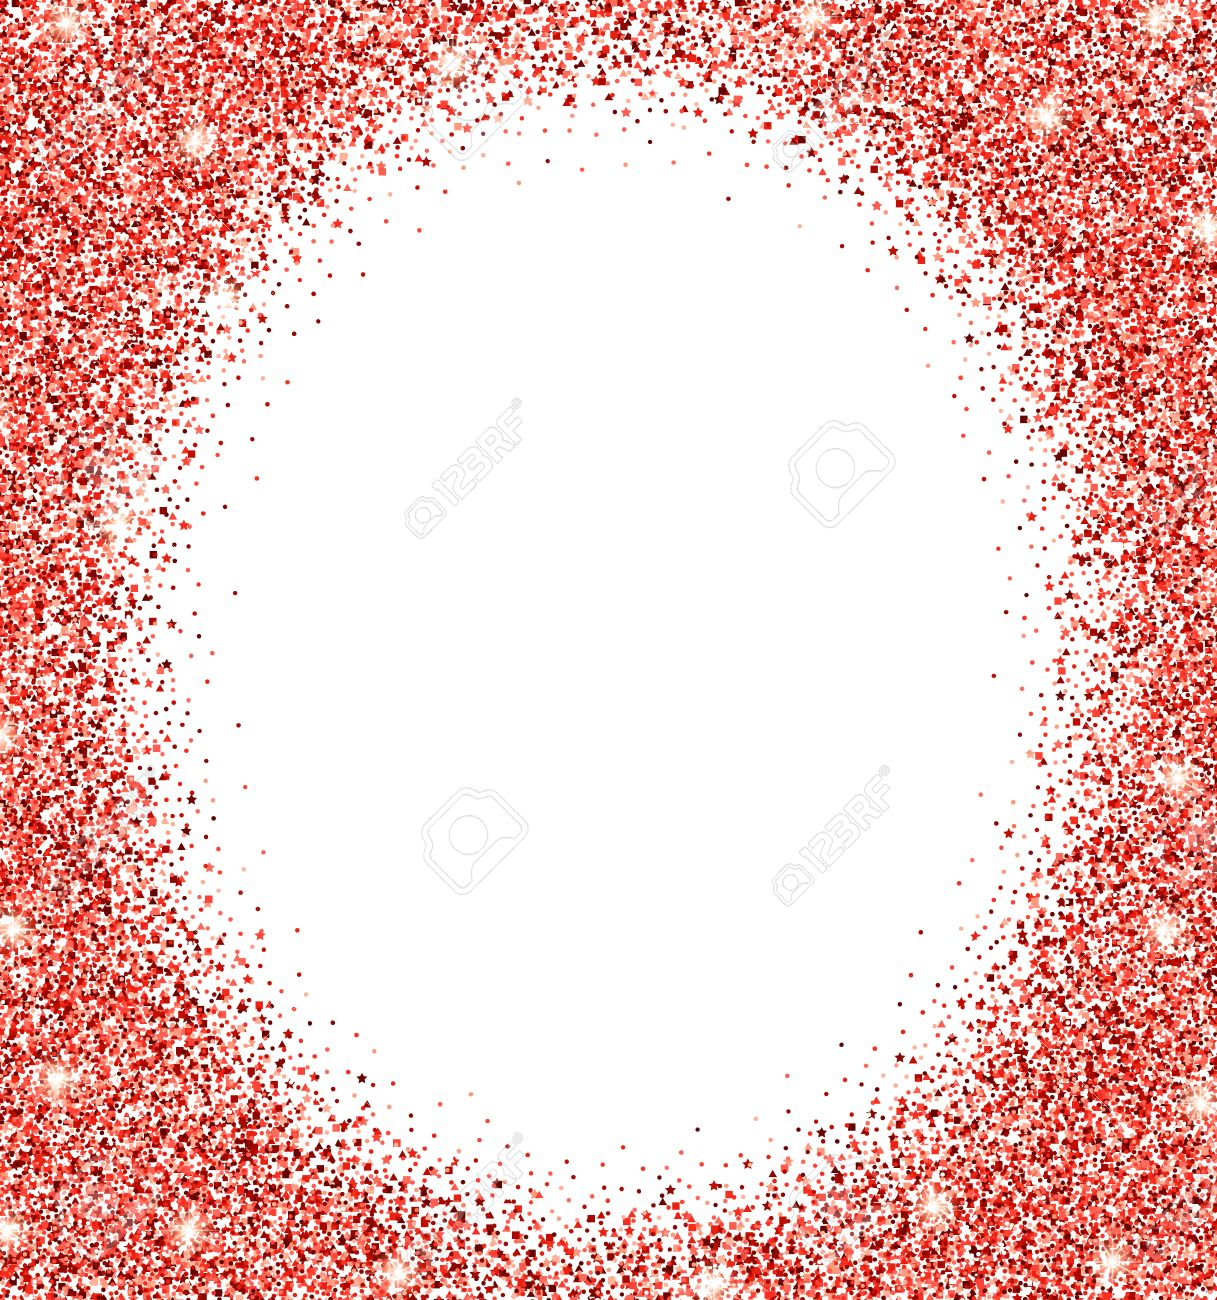 Red Glitter Background. Red Sparkle Runden Rahmen. Vorlage Für ...